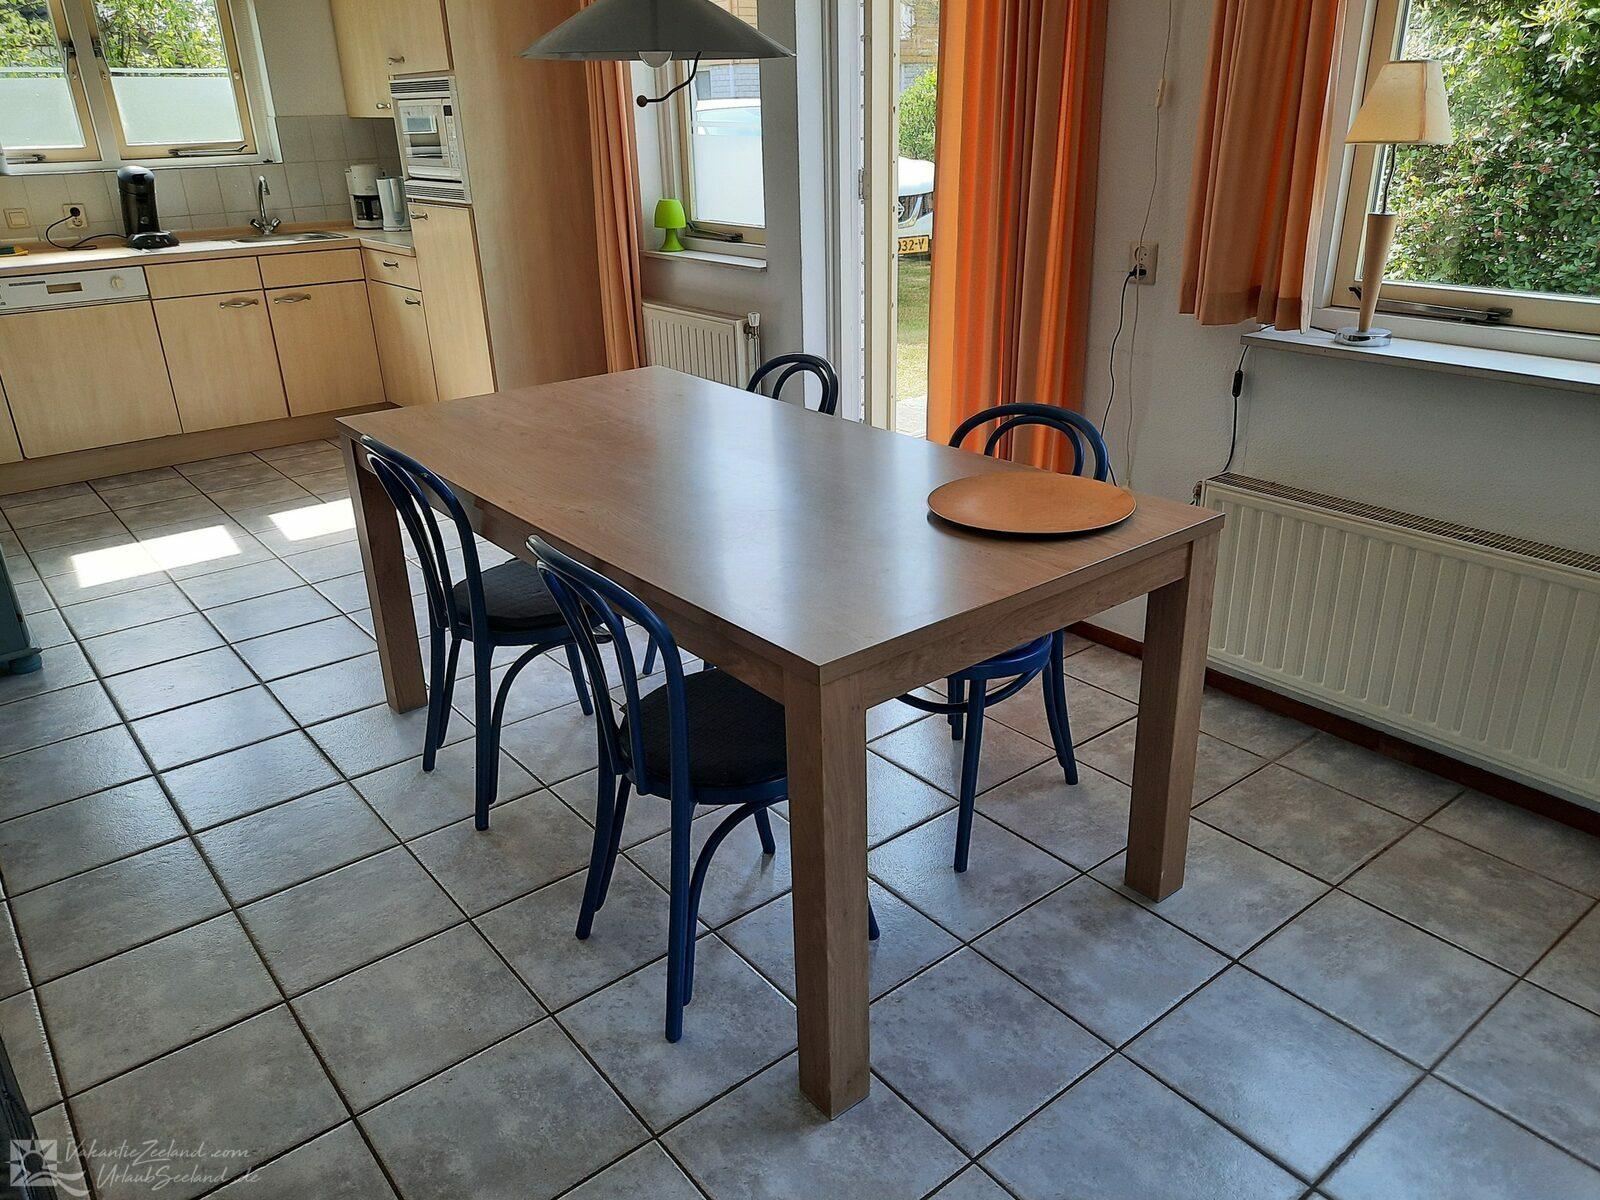 VZ1048 Ferienhaus in Wemeldinge